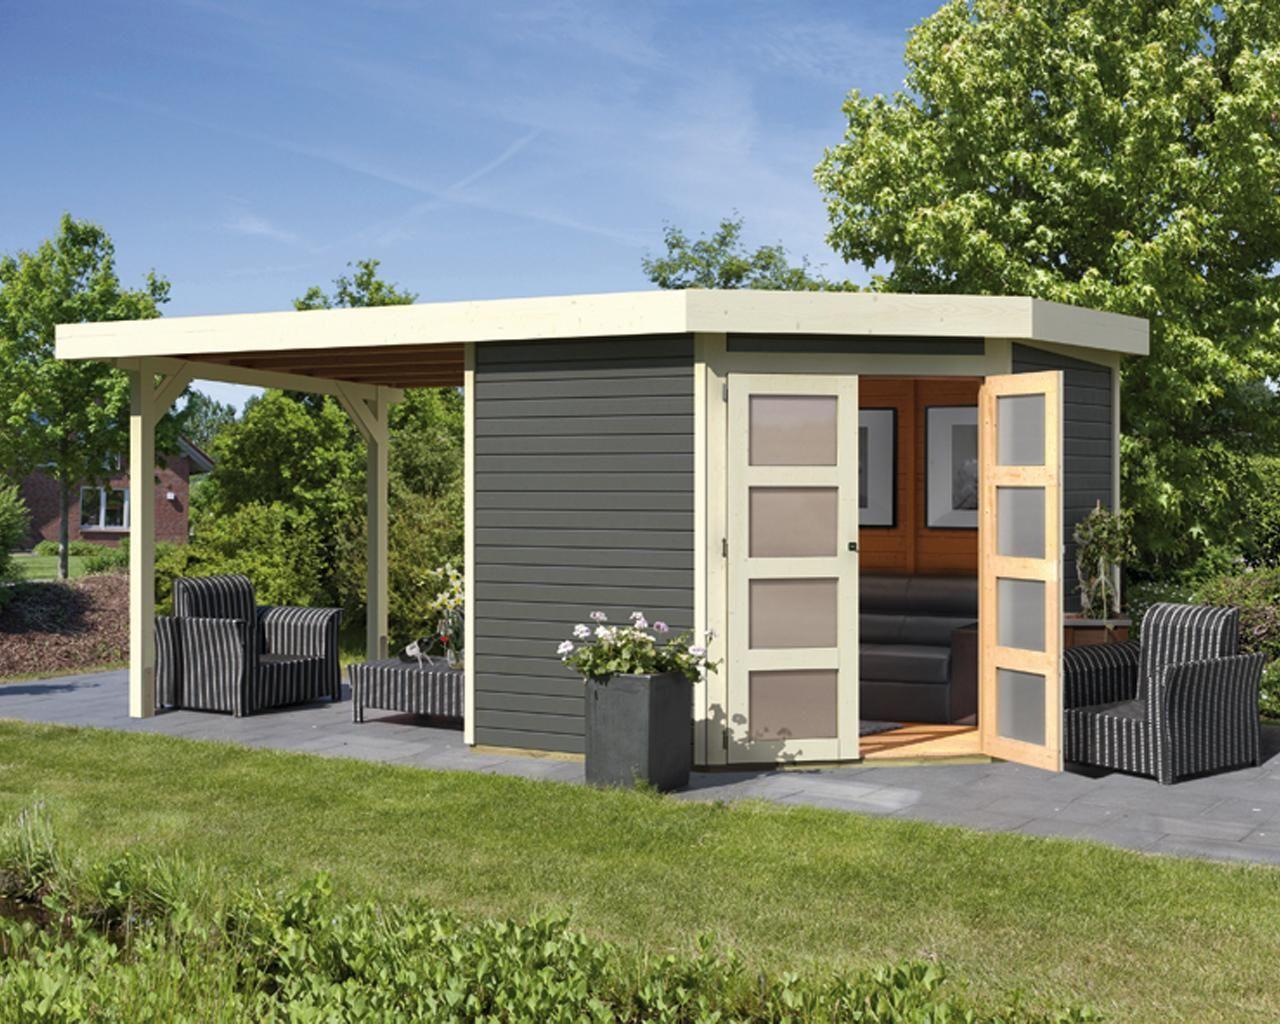 Abri de jardin à toit plat 5.57m² en bois massif vitrifié ...